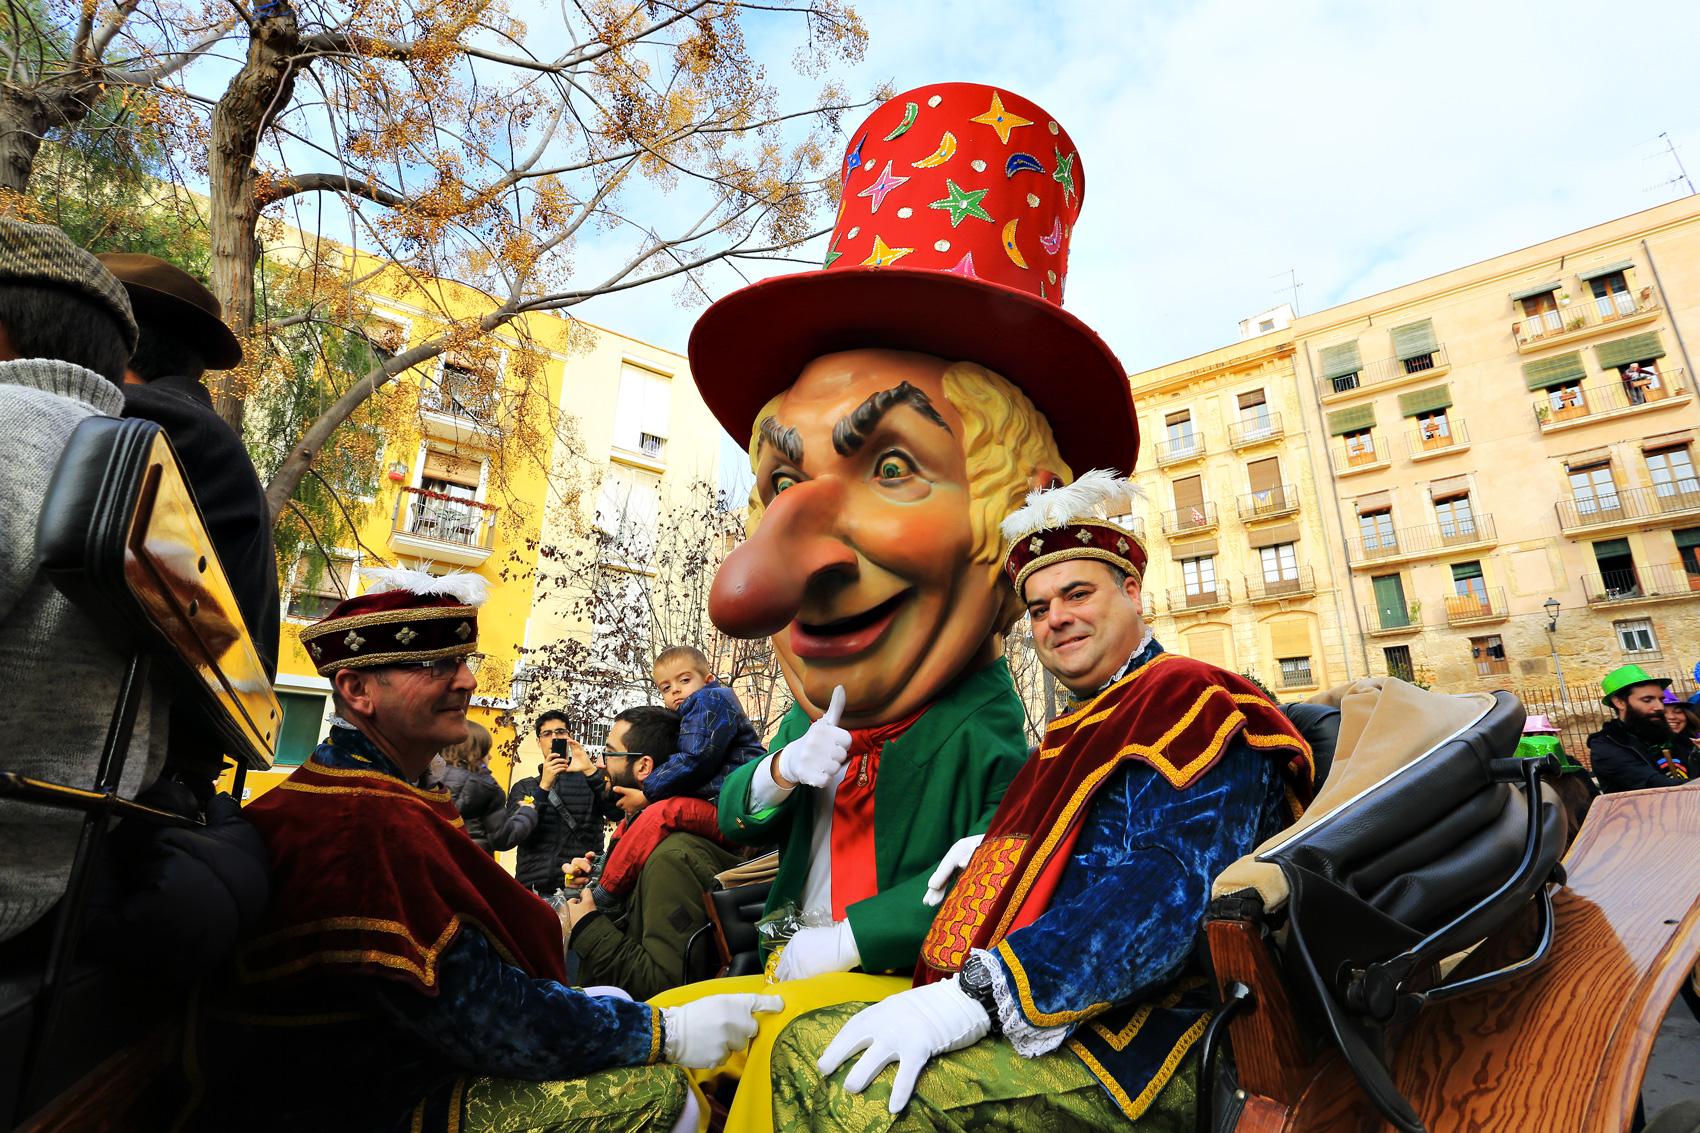 L'homme des nez © Tarragona Turisme - Manel R. Granell